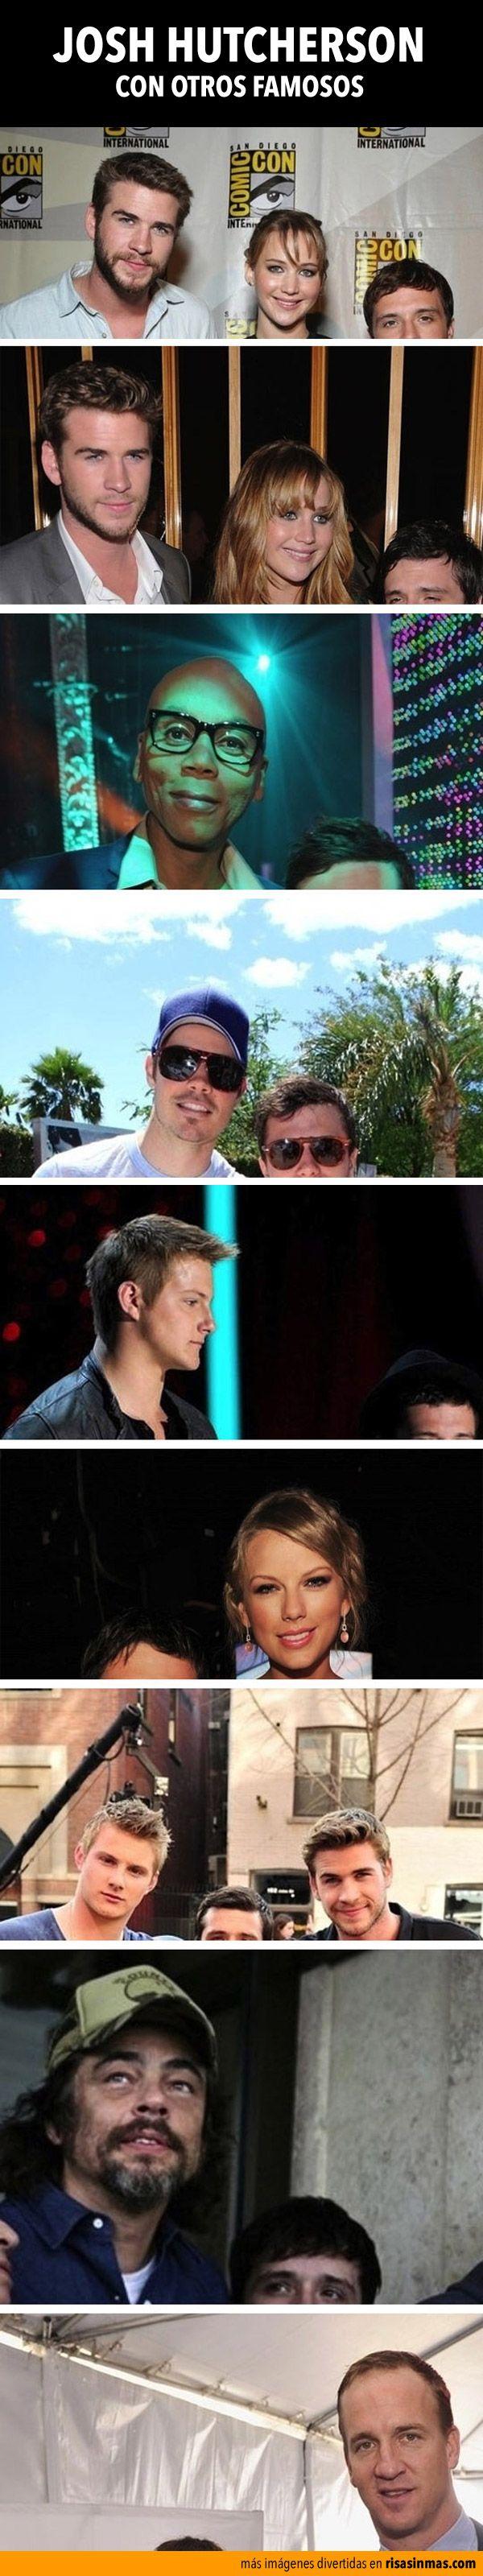 Josh Hutcherson con otros famosos.